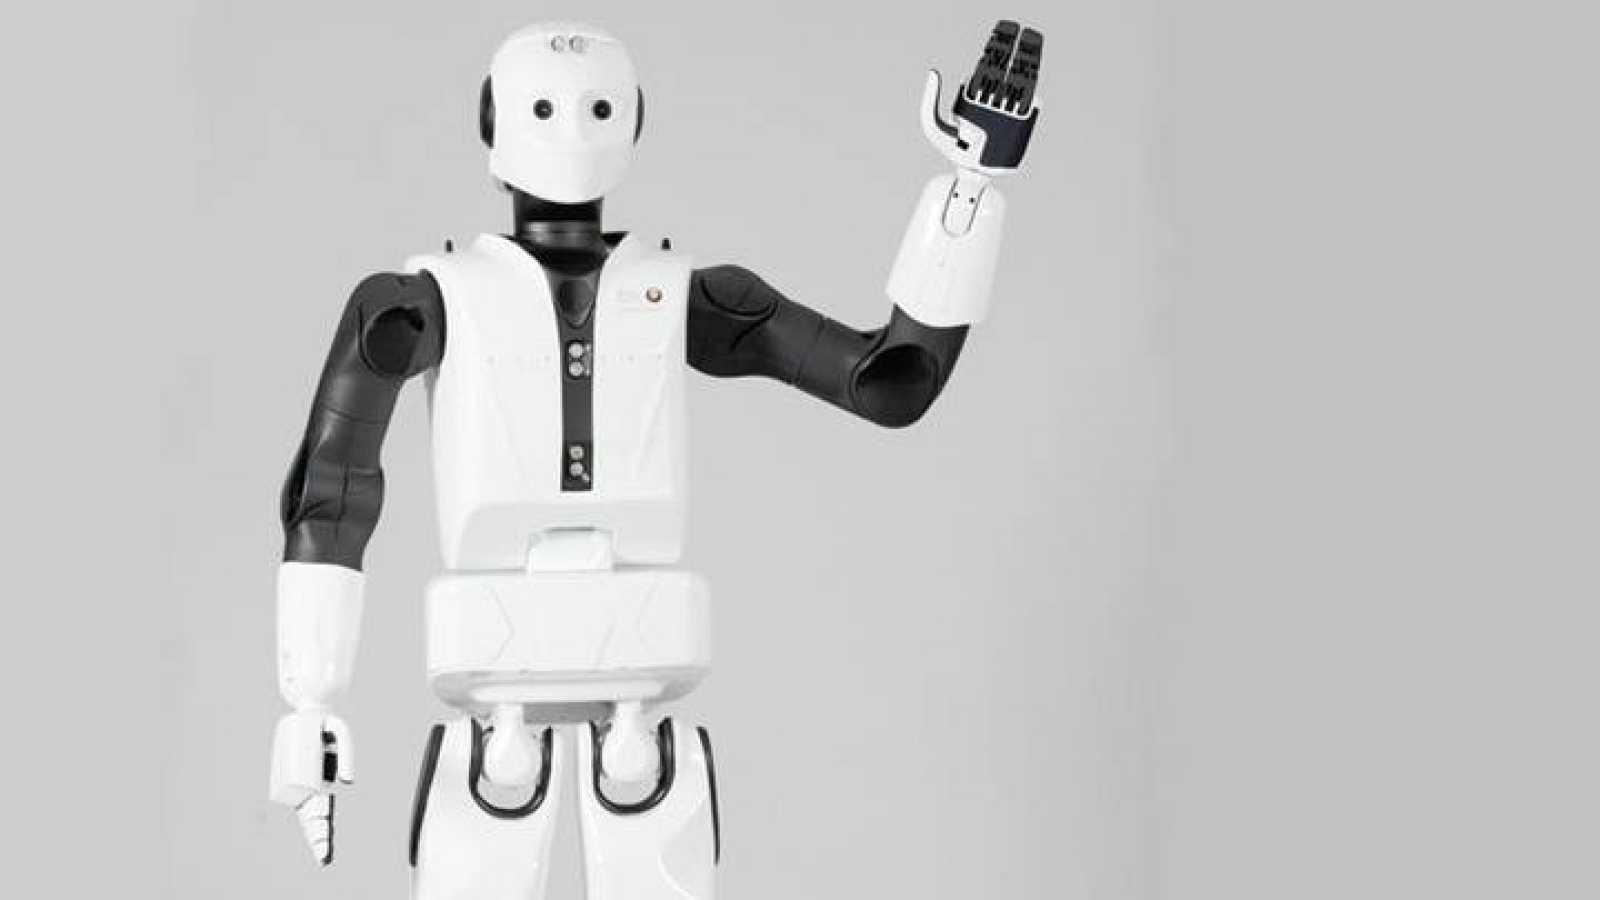 El robot REEM-C.